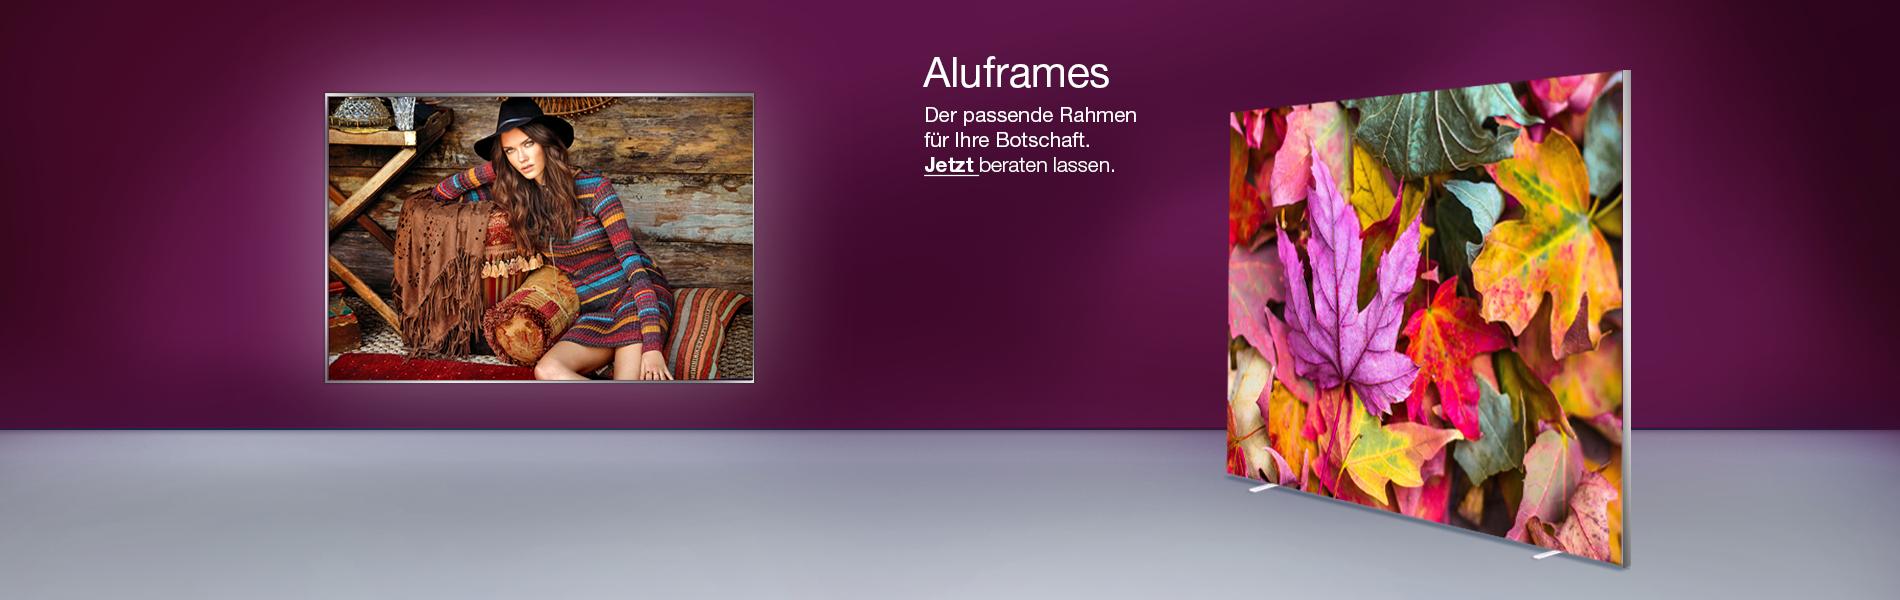 Alu-frames